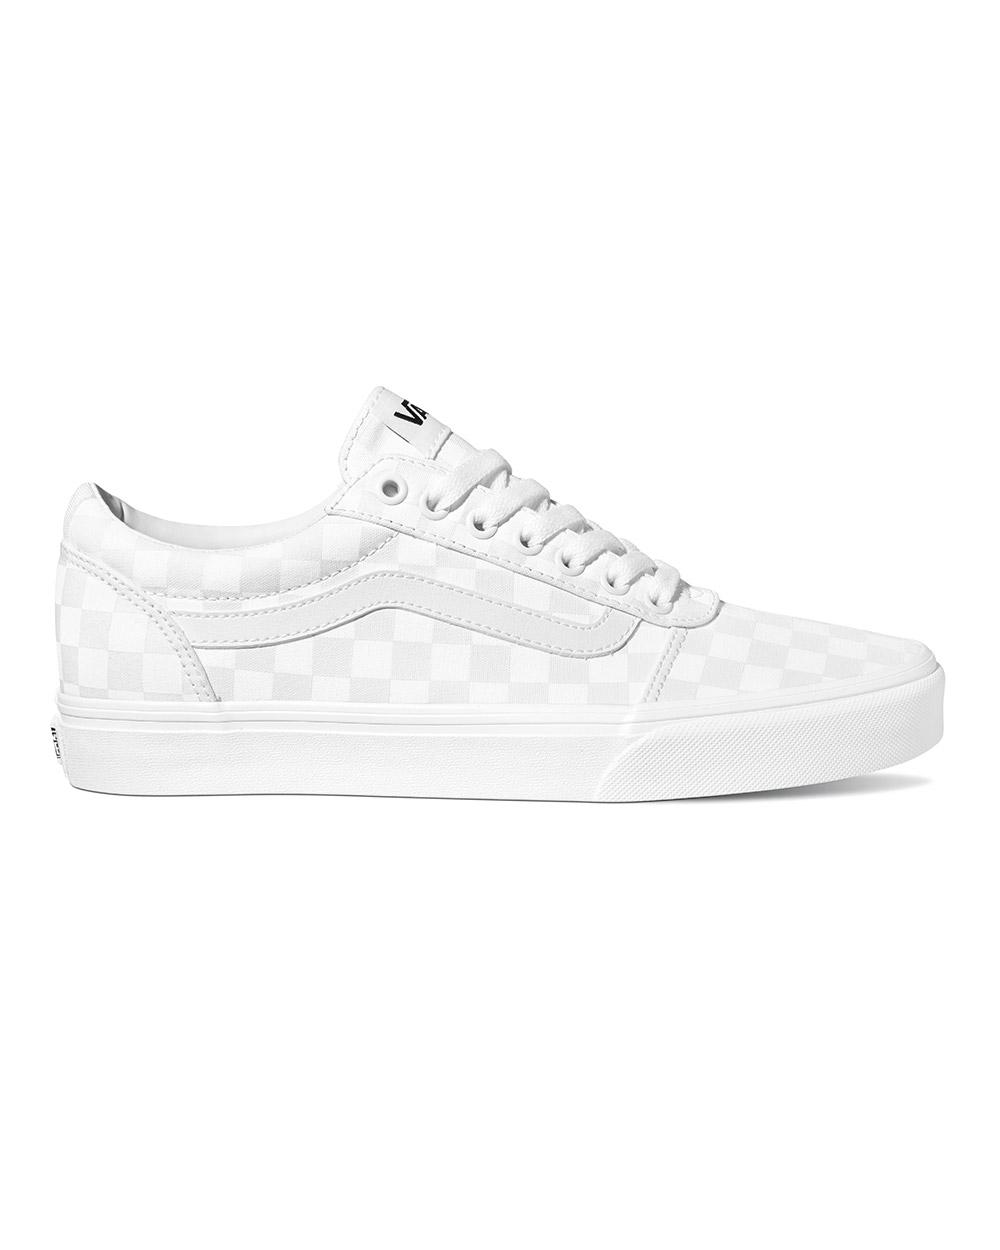 Vans Ward Checkerboard (white/white